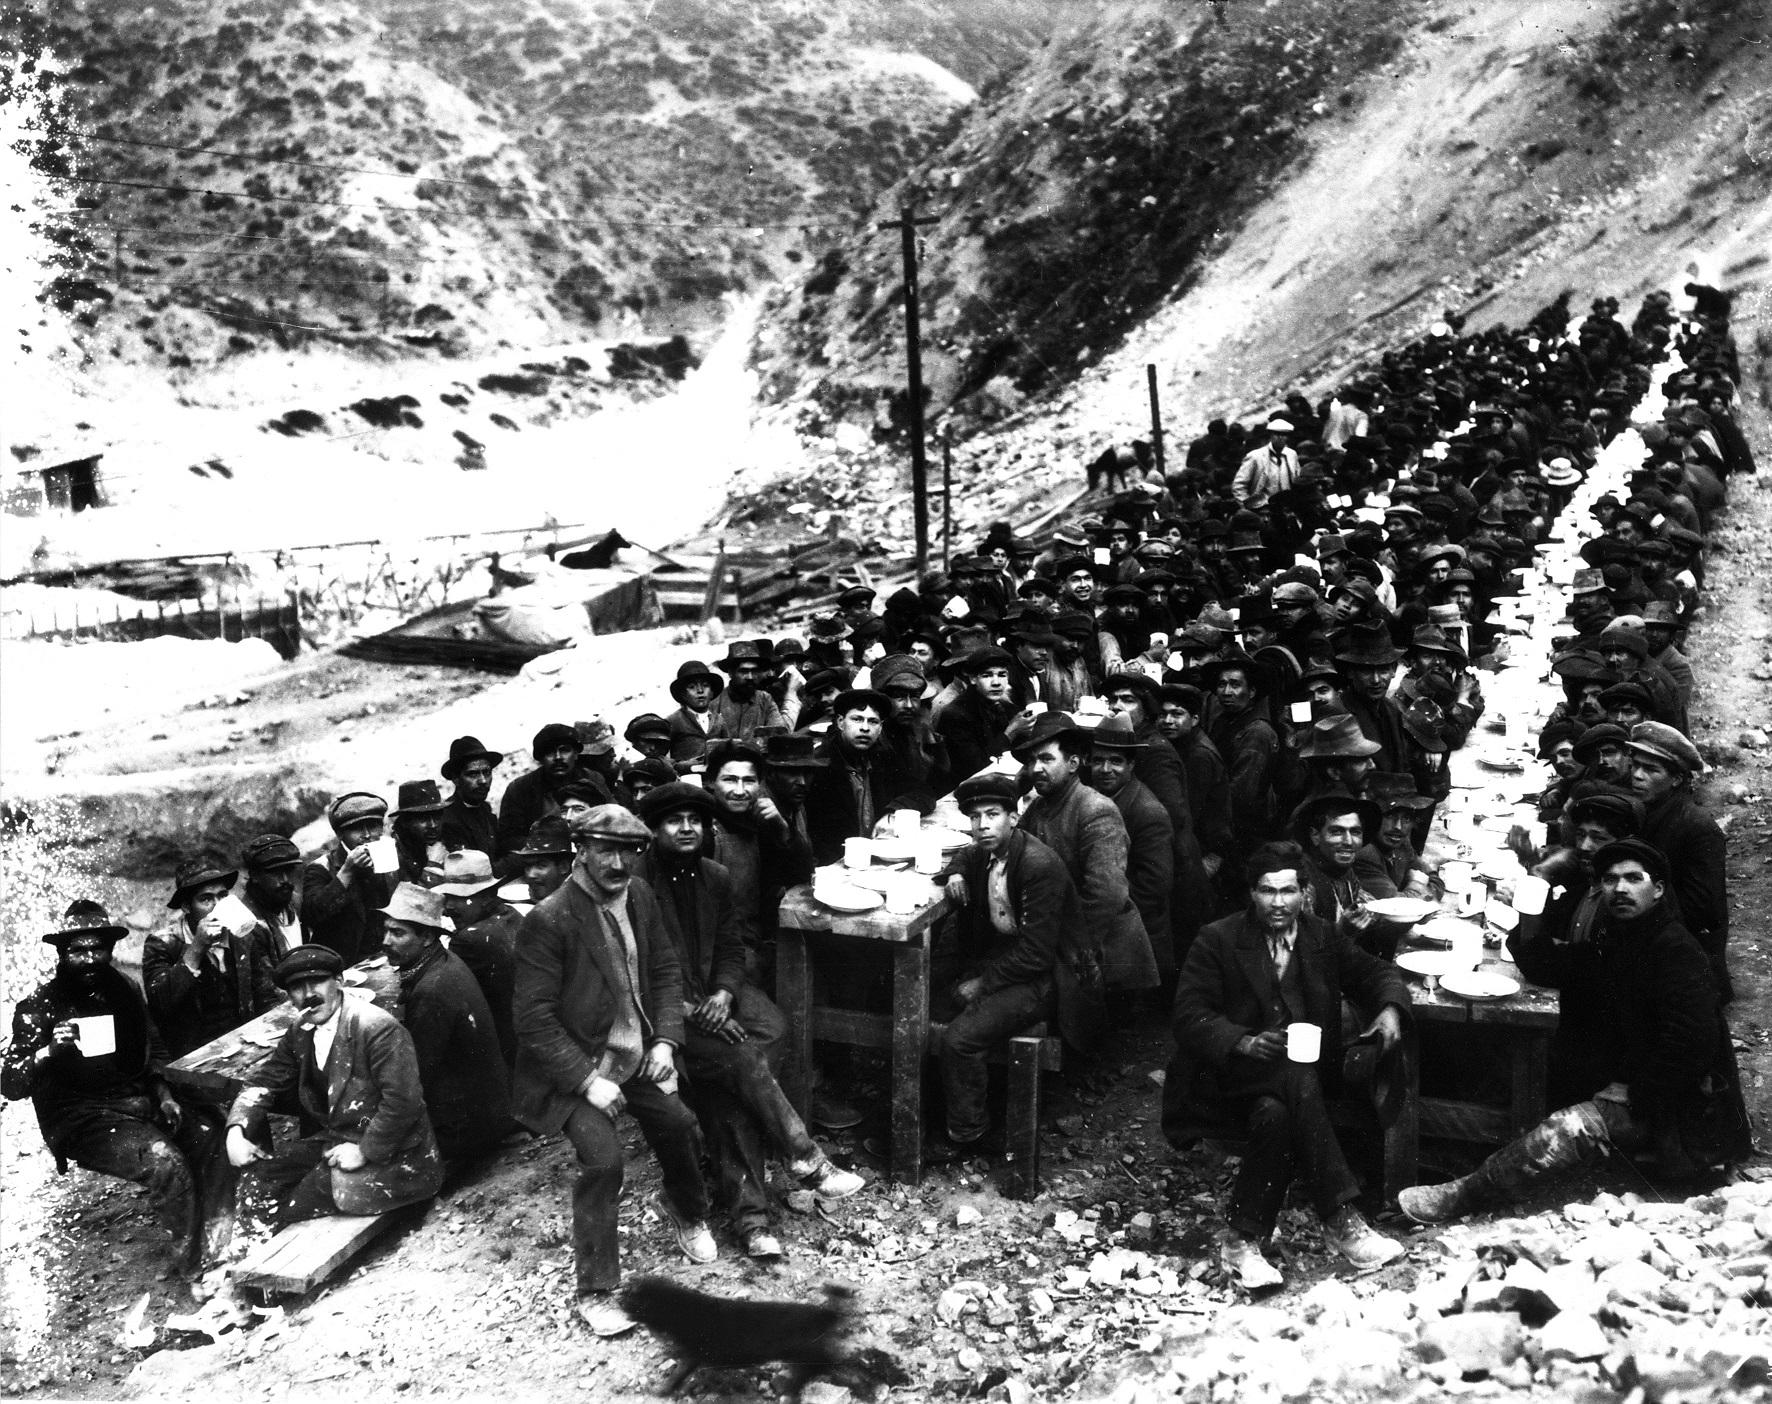 Enterreno - Fotos históricas de chile - fotos antiguas de Chile - Hora de almuerzo en Sewell, ca 1920